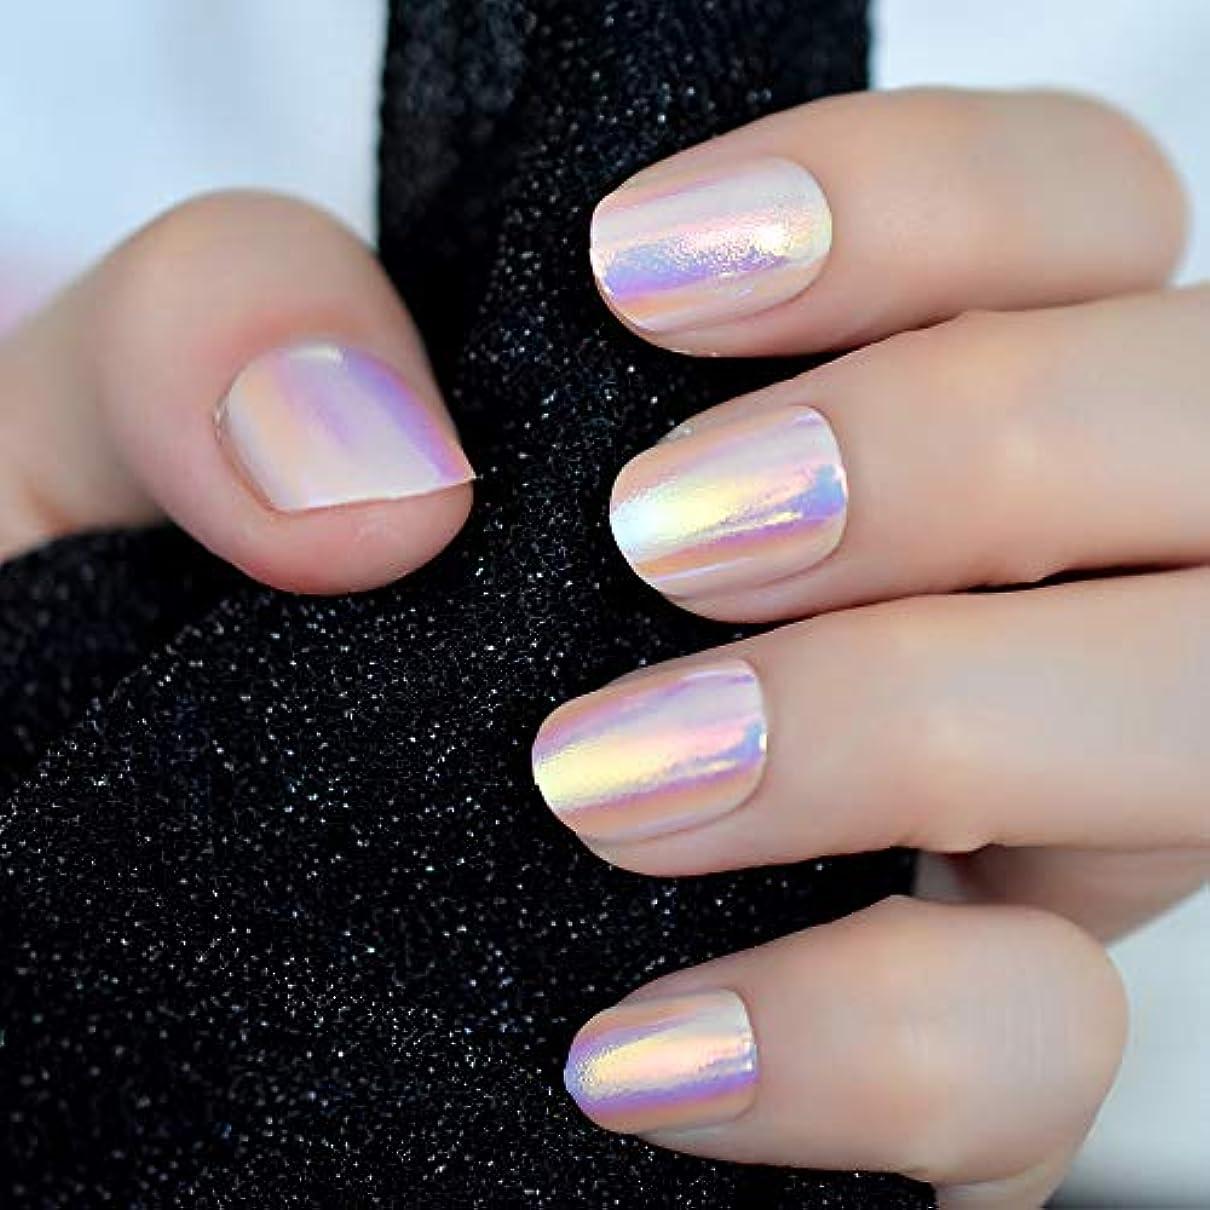 ずらすアンデス山脈引き潮XUTXZKA 虹色のピンクのショートフルフォールスステッカーと偽の爪を24本押し